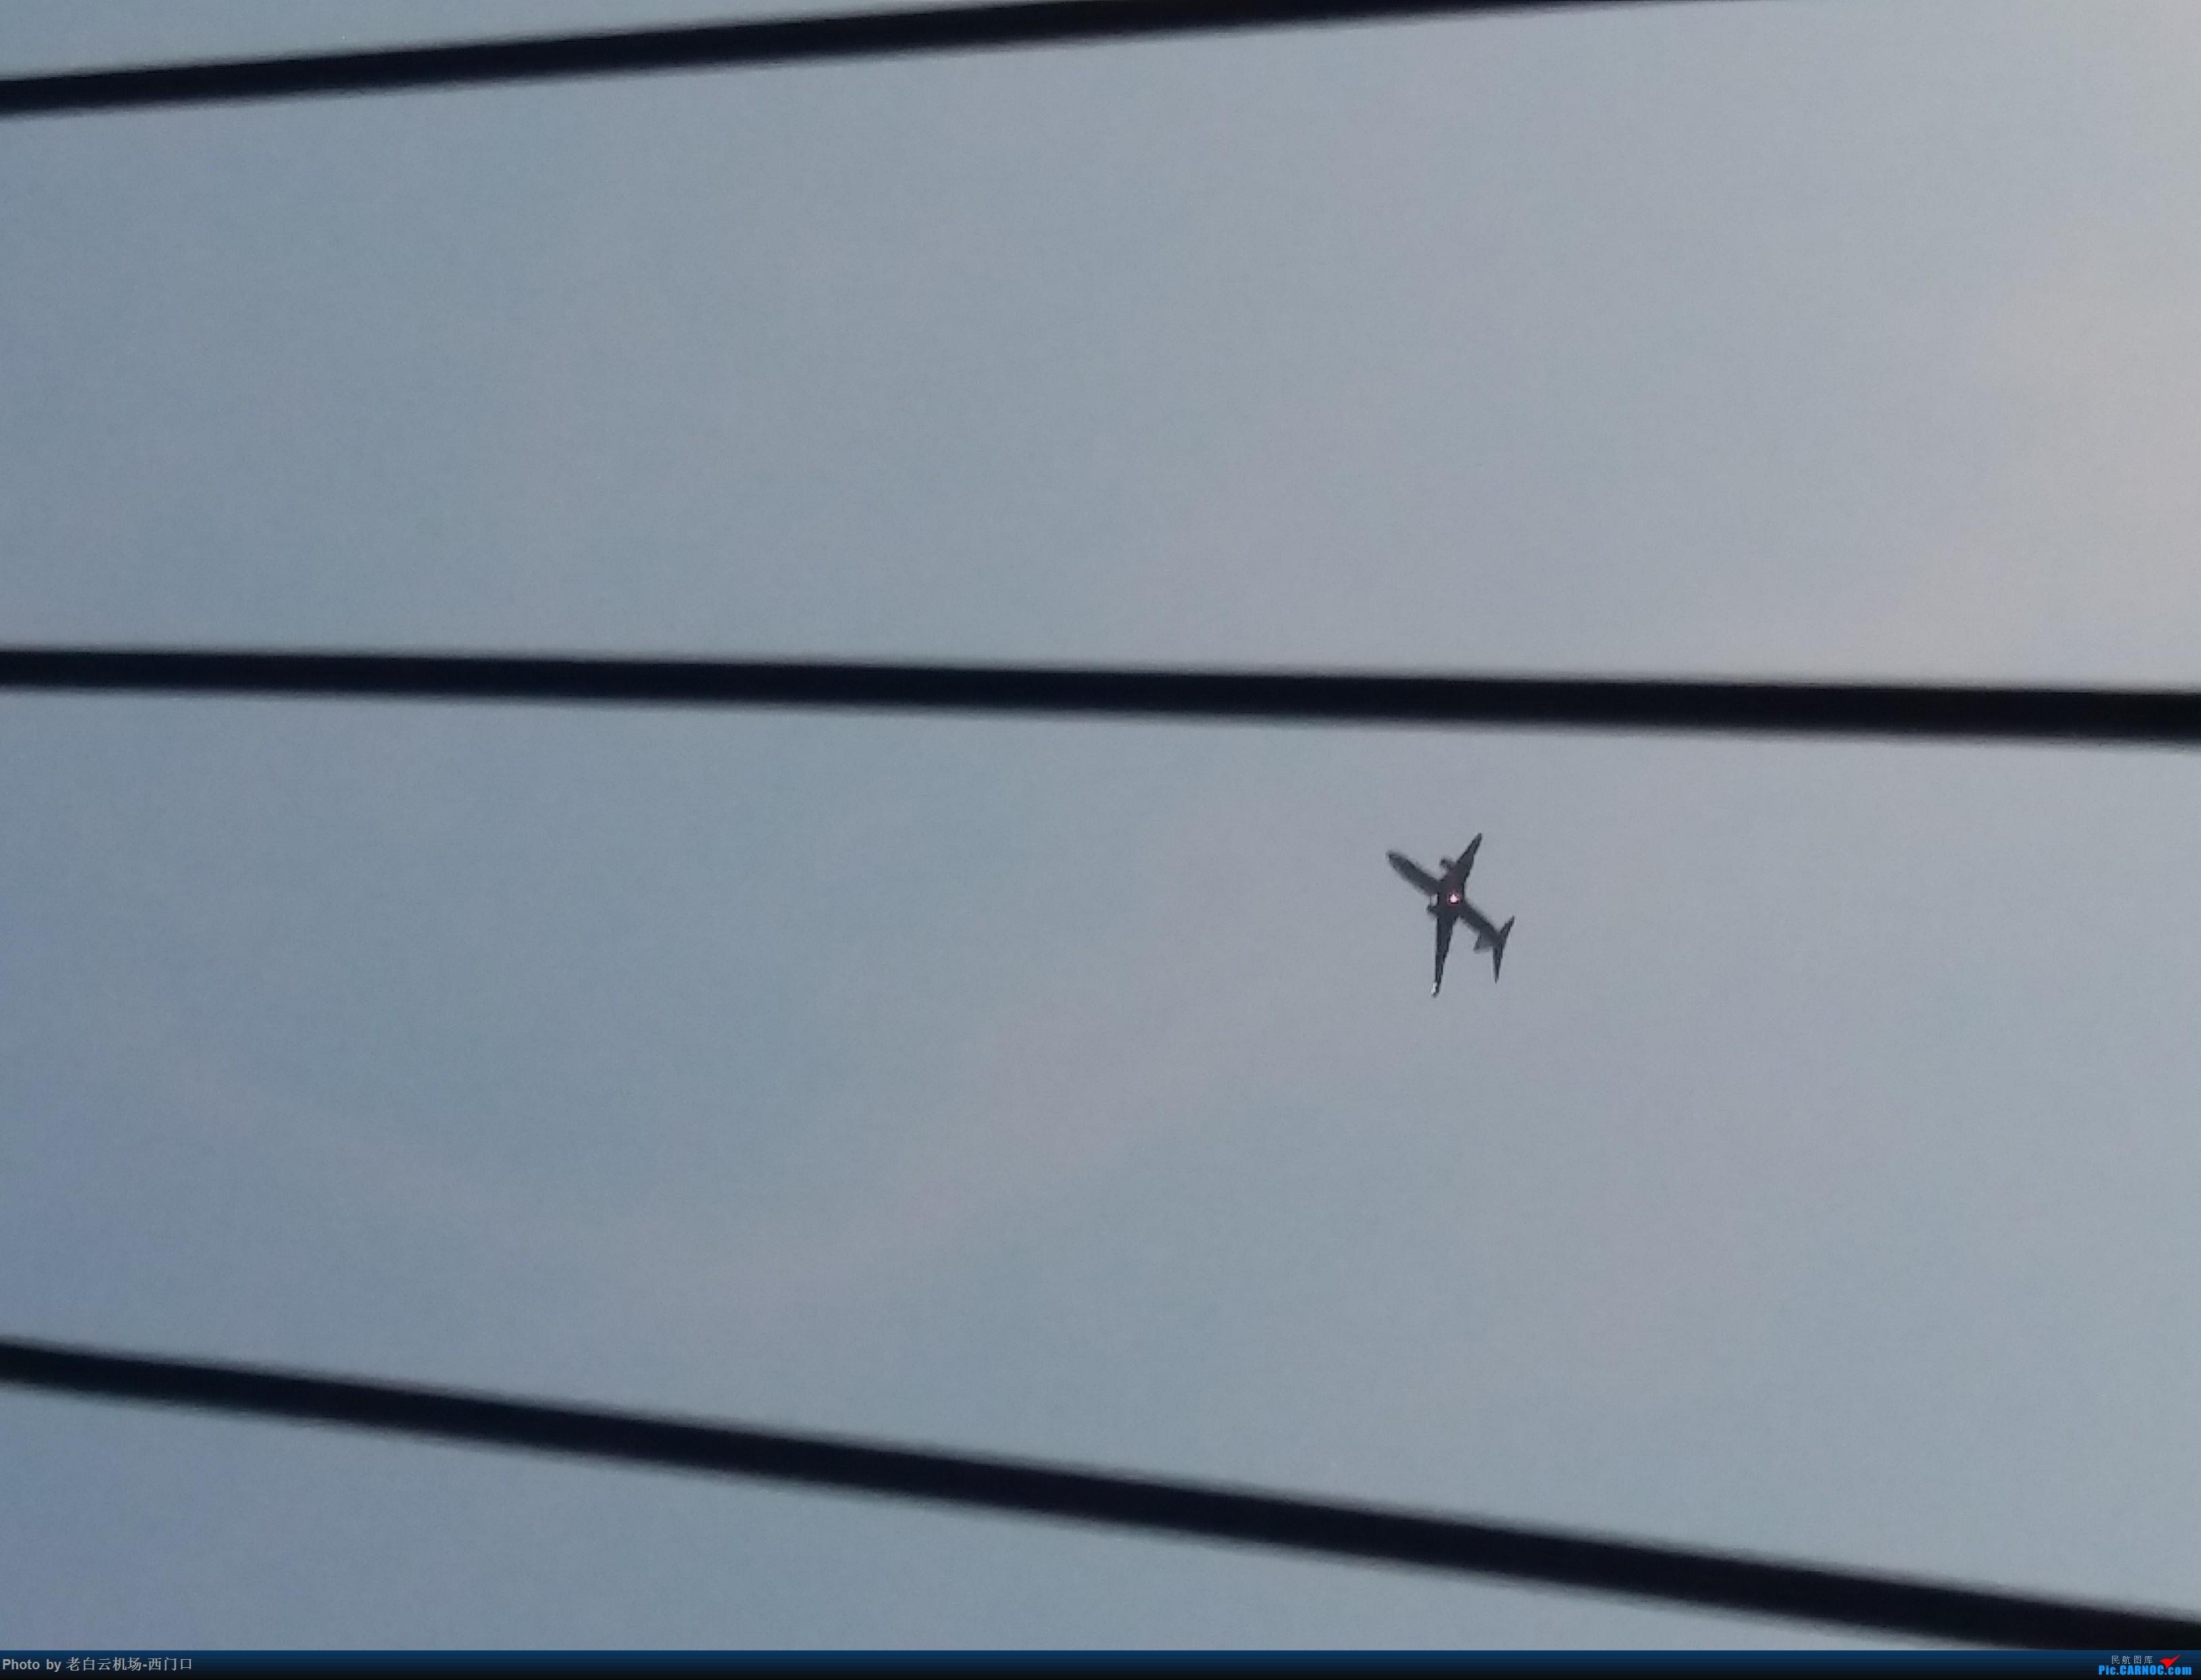 Re:[原创]我的拍飞机心情(广州) BOEING 737-800 不明 中国广东省广州市荔湾区西门口广场上空